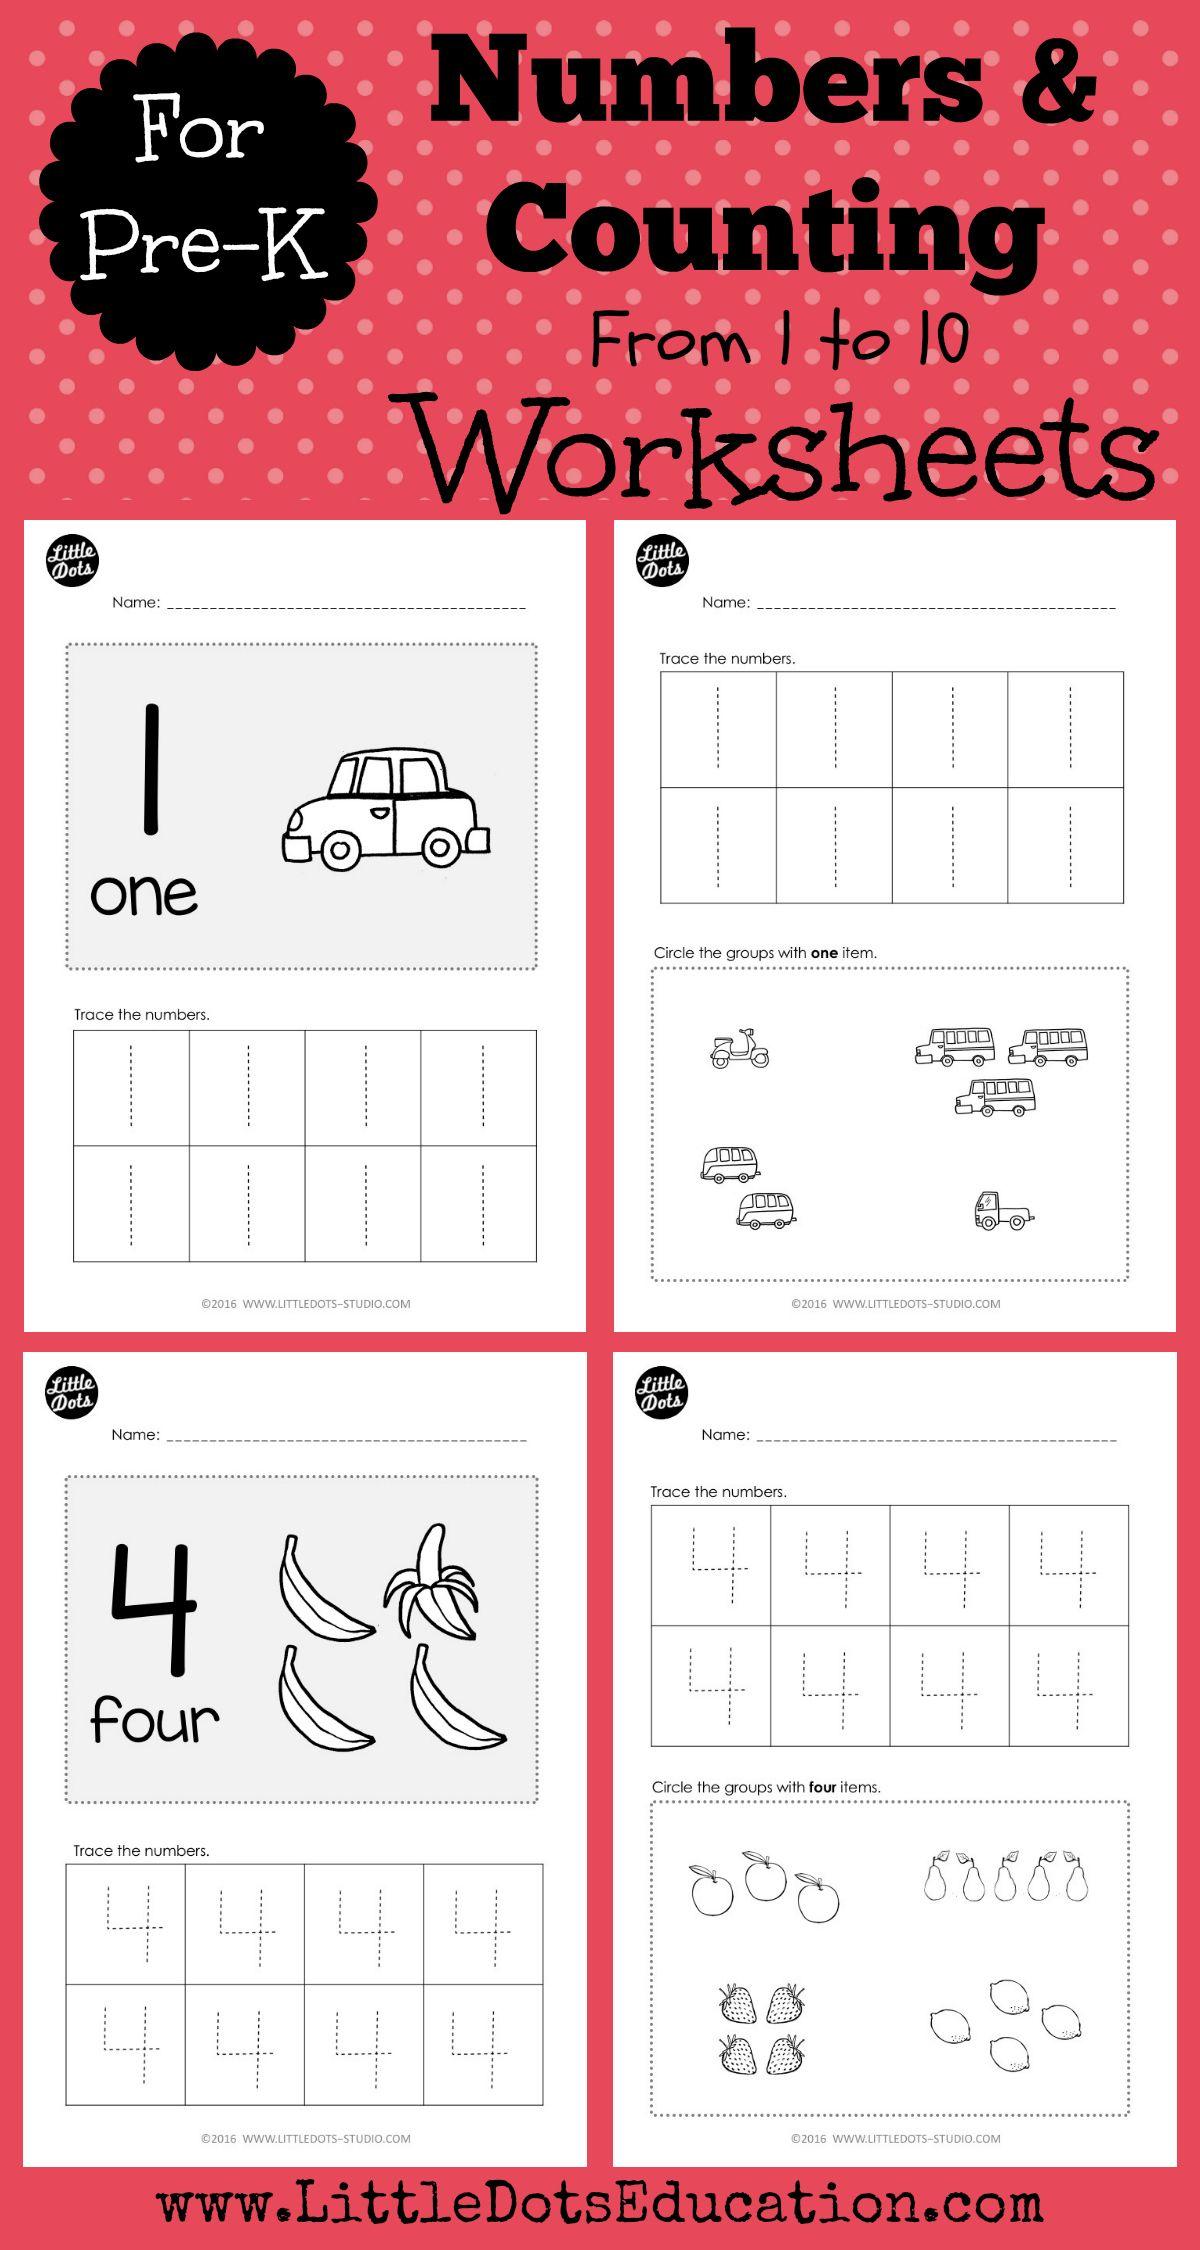 Pre-K Numbers 1 to 10 Worksheets and Activities   Counting activities  preschool [ 2250 x 1200 Pixel ]